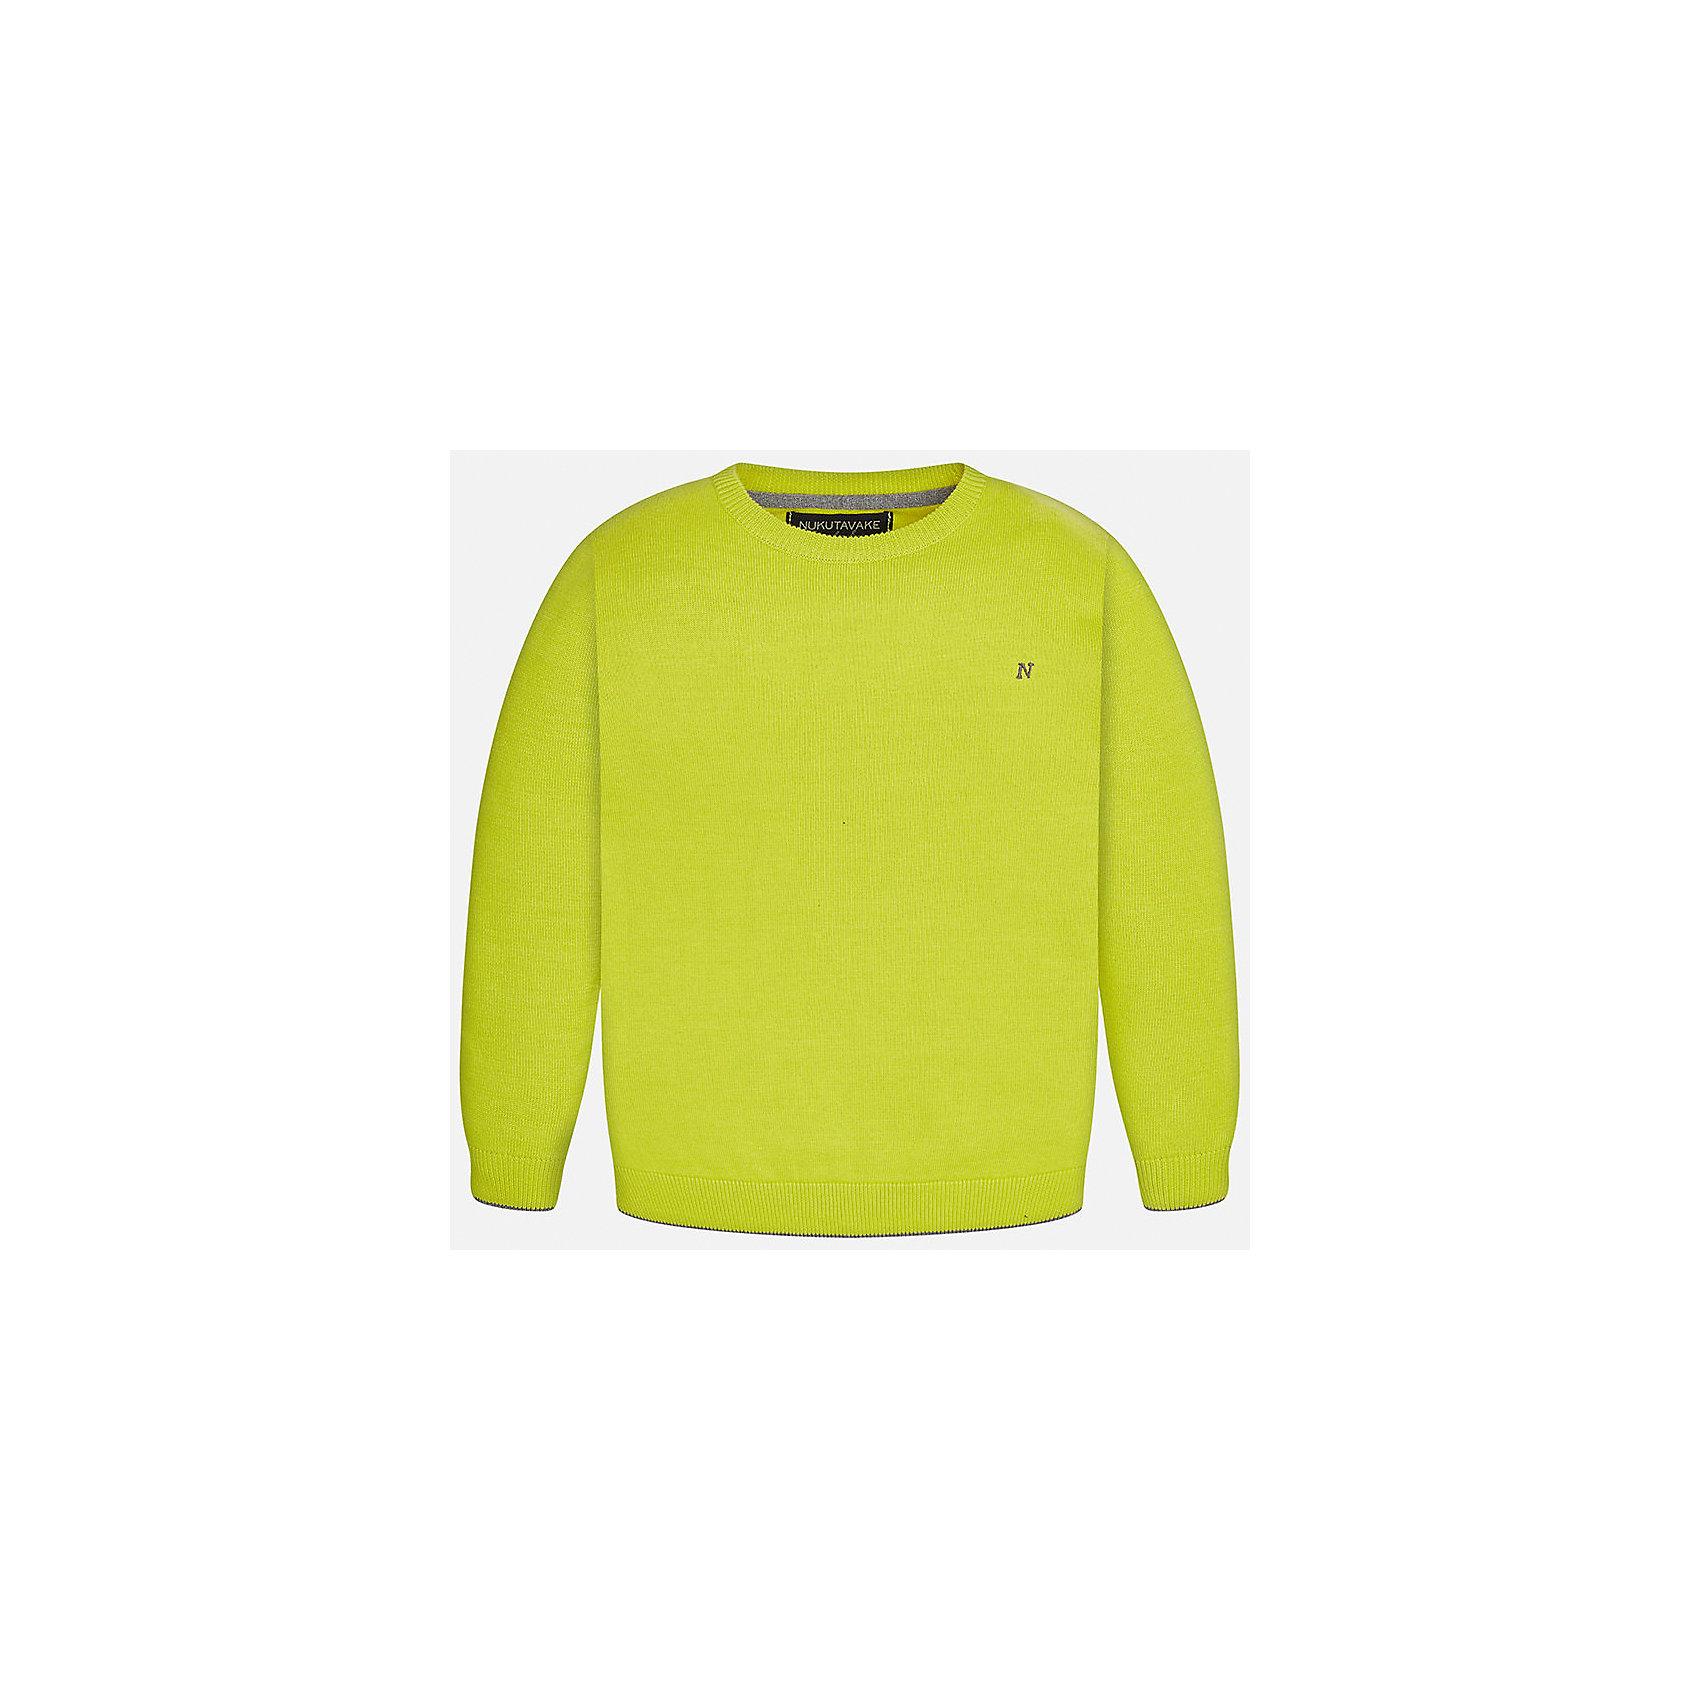 Свитер Mayoral для мальчикаСвитера и кардиганы<br>Характеристики товара:<br><br>• цвет: желтый;<br>• состав ткани: 100% хлопок;<br>• длинный рукав-реглан;<br>• однотонный;<br>• сезон: демисезон;<br>• страна бренда: Испания;<br>• страна изготовитель: Бангладеш.<br><br>Свитер для мальчика от популярного бренда Mayoral из натурального и мягкого 100% хлопка тонкой вязки, локоничного однотонного цвета, декорирован принтом в виде логотипа с вышивкой на груди. Имеет круглый вырез и уплотненные края на руковах и поясе  с контрастной  оконтовкой. <br><br>Данная модель свитера очень практичный и универсальный вариант для повседневной одежды, комбинируемый со множеством вариантов, цвет нетускнеет, смотрится аккуратно и стильно.<br><br>В одежде от испанской компании Майорал ребенок будет выглядеть модно, а чувствовать себя - комфортно.<br><br>Свитер для мальчика Mayoral (Майорал) можно купить в нашем интернет-магазине.<br><br>Ширина мм: 190<br>Глубина мм: 74<br>Высота мм: 229<br>Вес г: 236<br>Цвет: зеленый<br>Возраст от месяцев: 168<br>Возраст до месяцев: 180<br>Пол: Мужской<br>Возраст: Детский<br>Размер: 170,128/134,140,152,158,164<br>SKU: 6931886